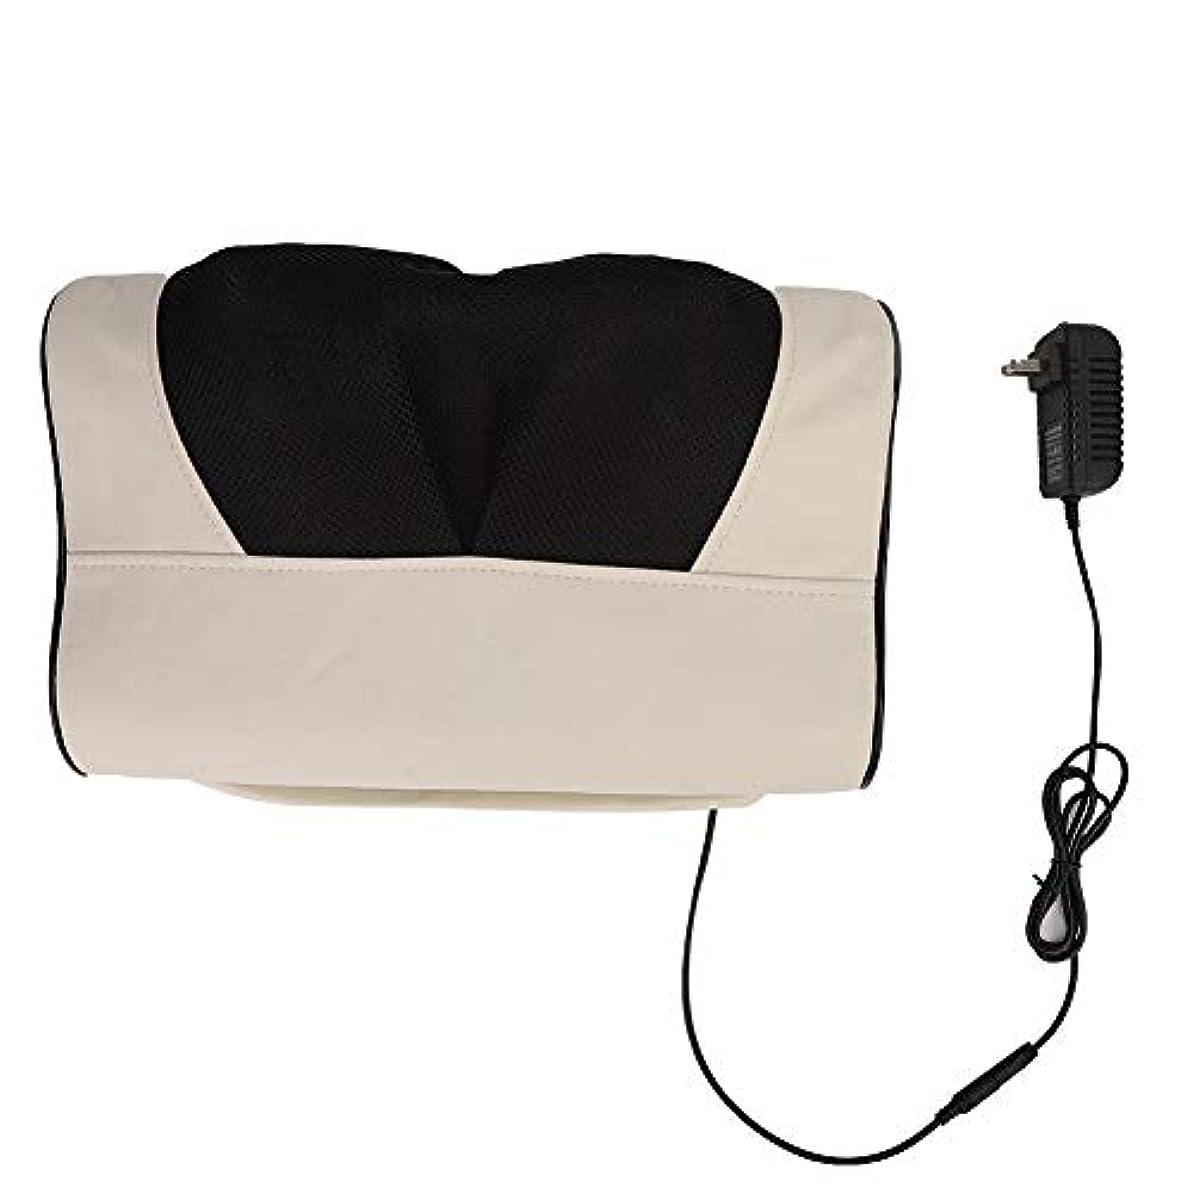 明らかにする法律により振動するマッサージ枕、多機能頸椎ネックショルダーマッサージャー電動マッサージ枕